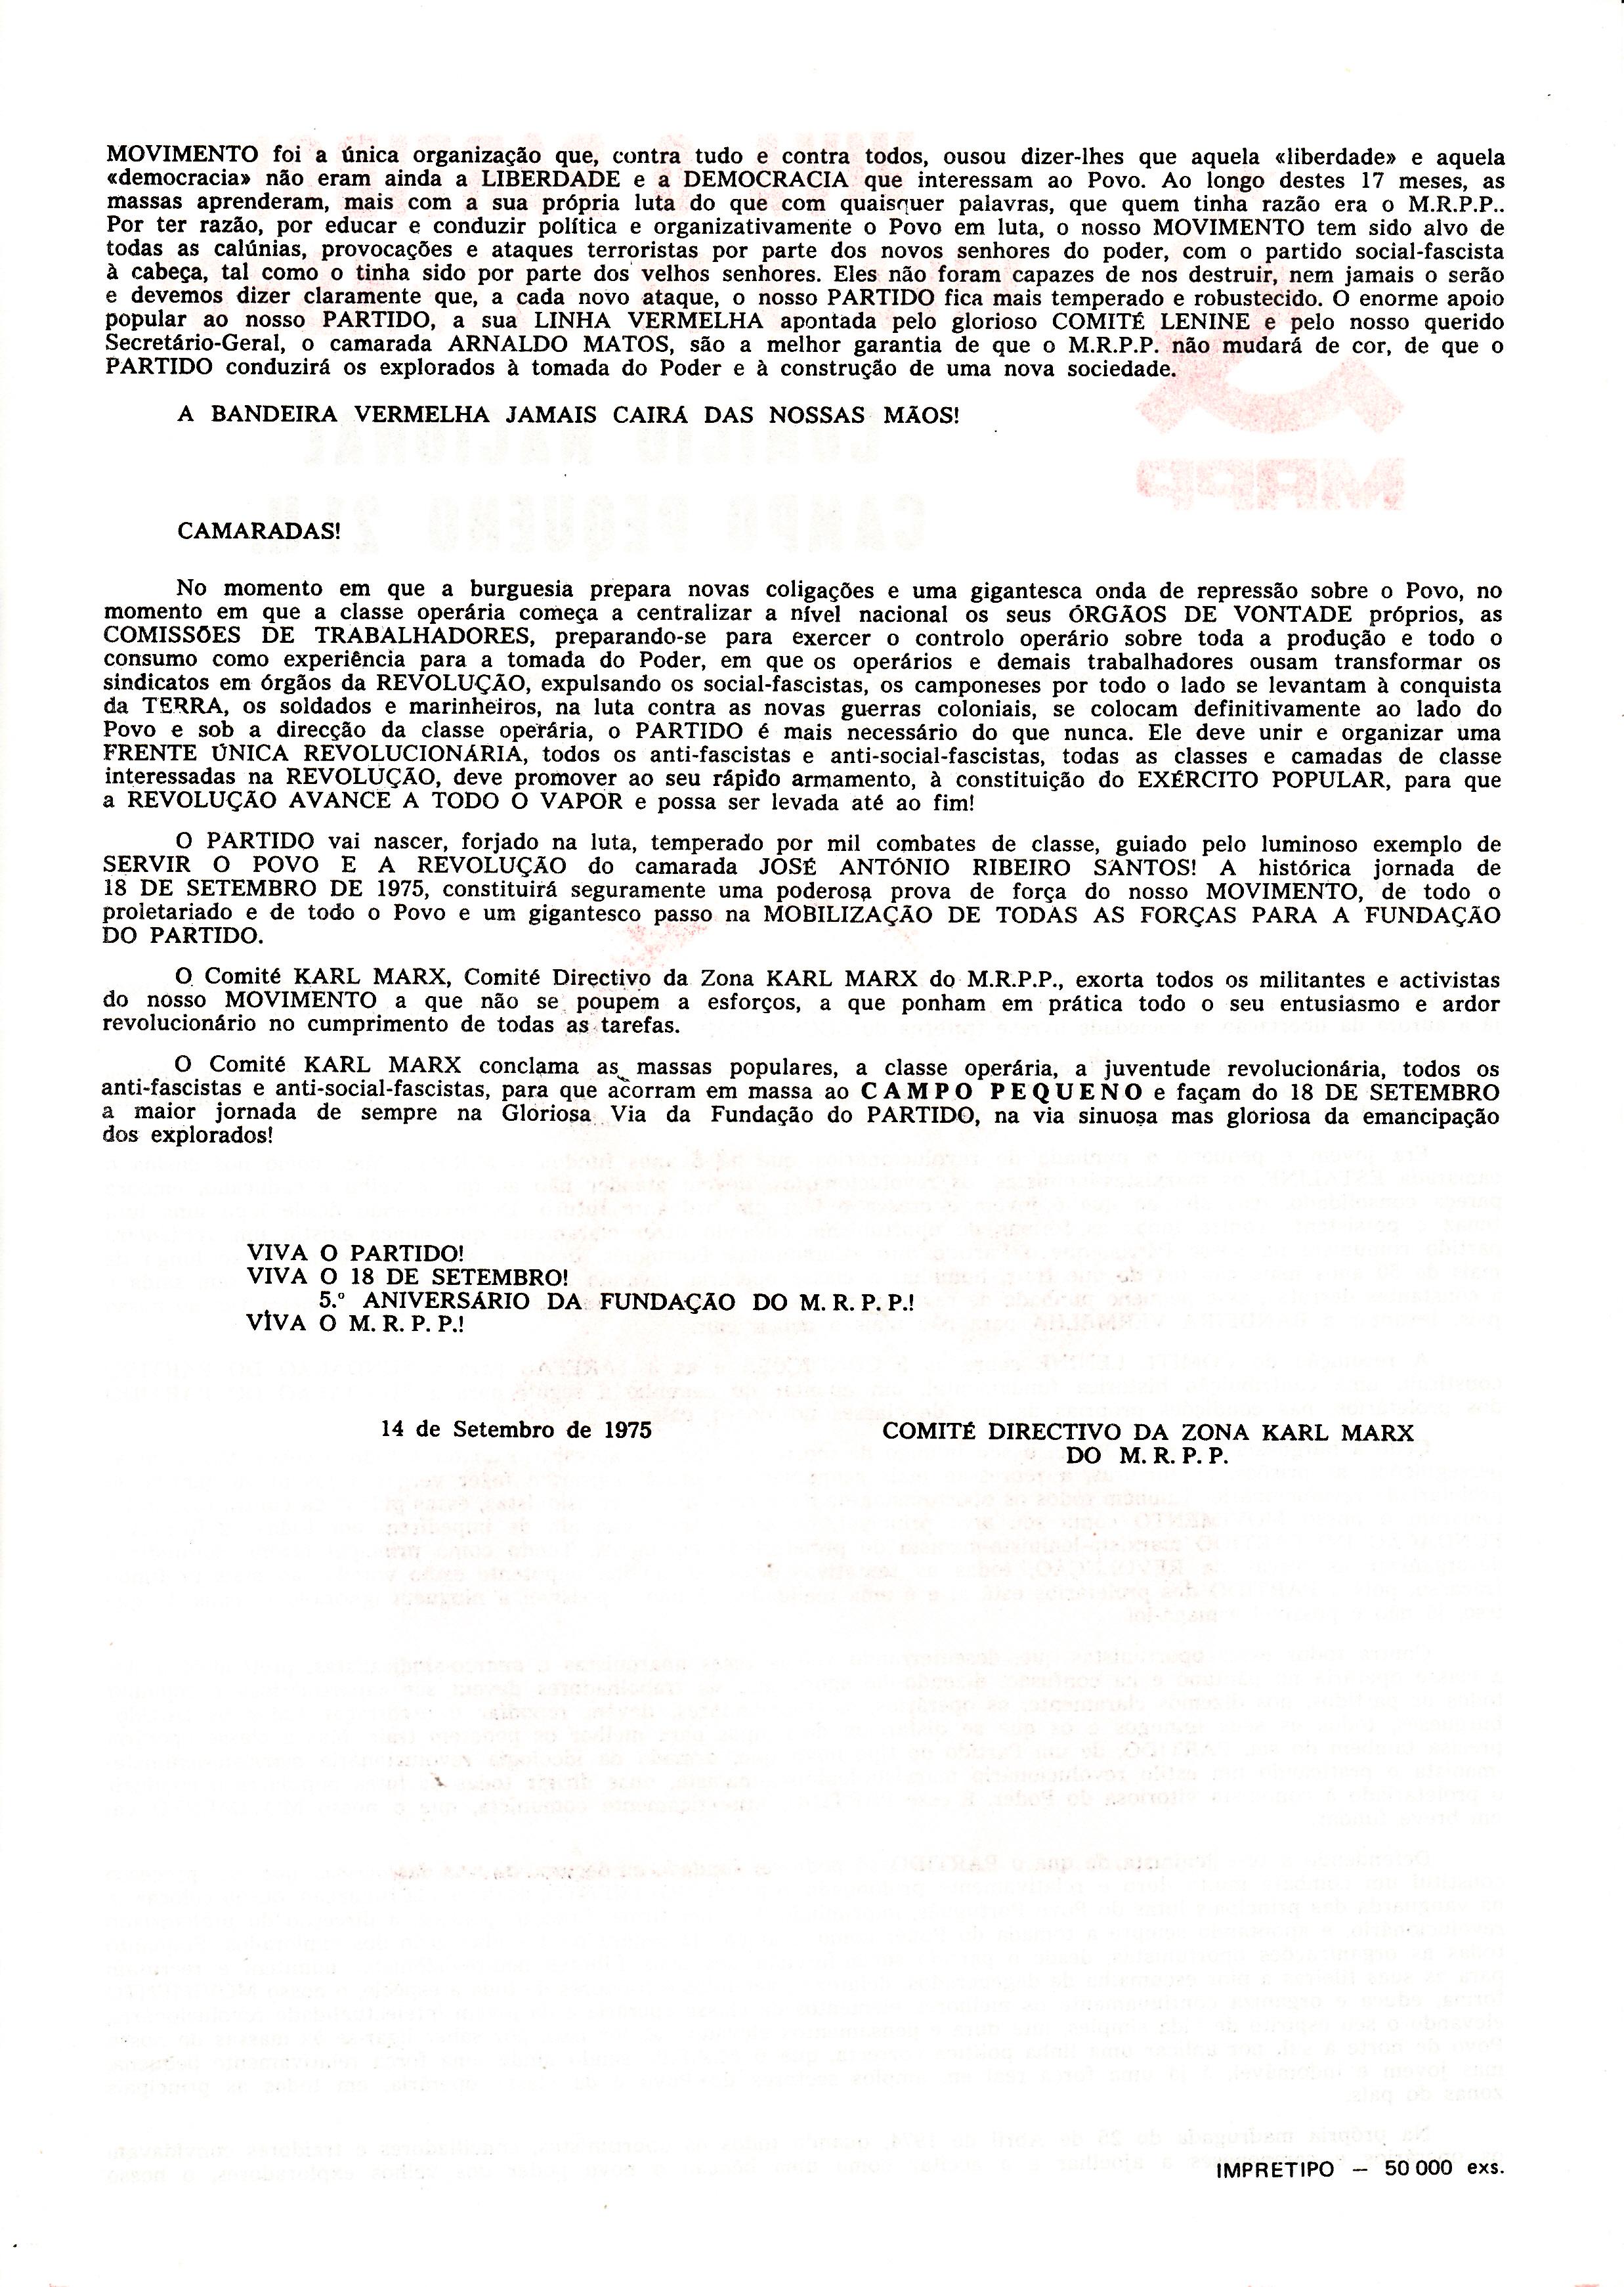 MRPP_1975_09_14_0002